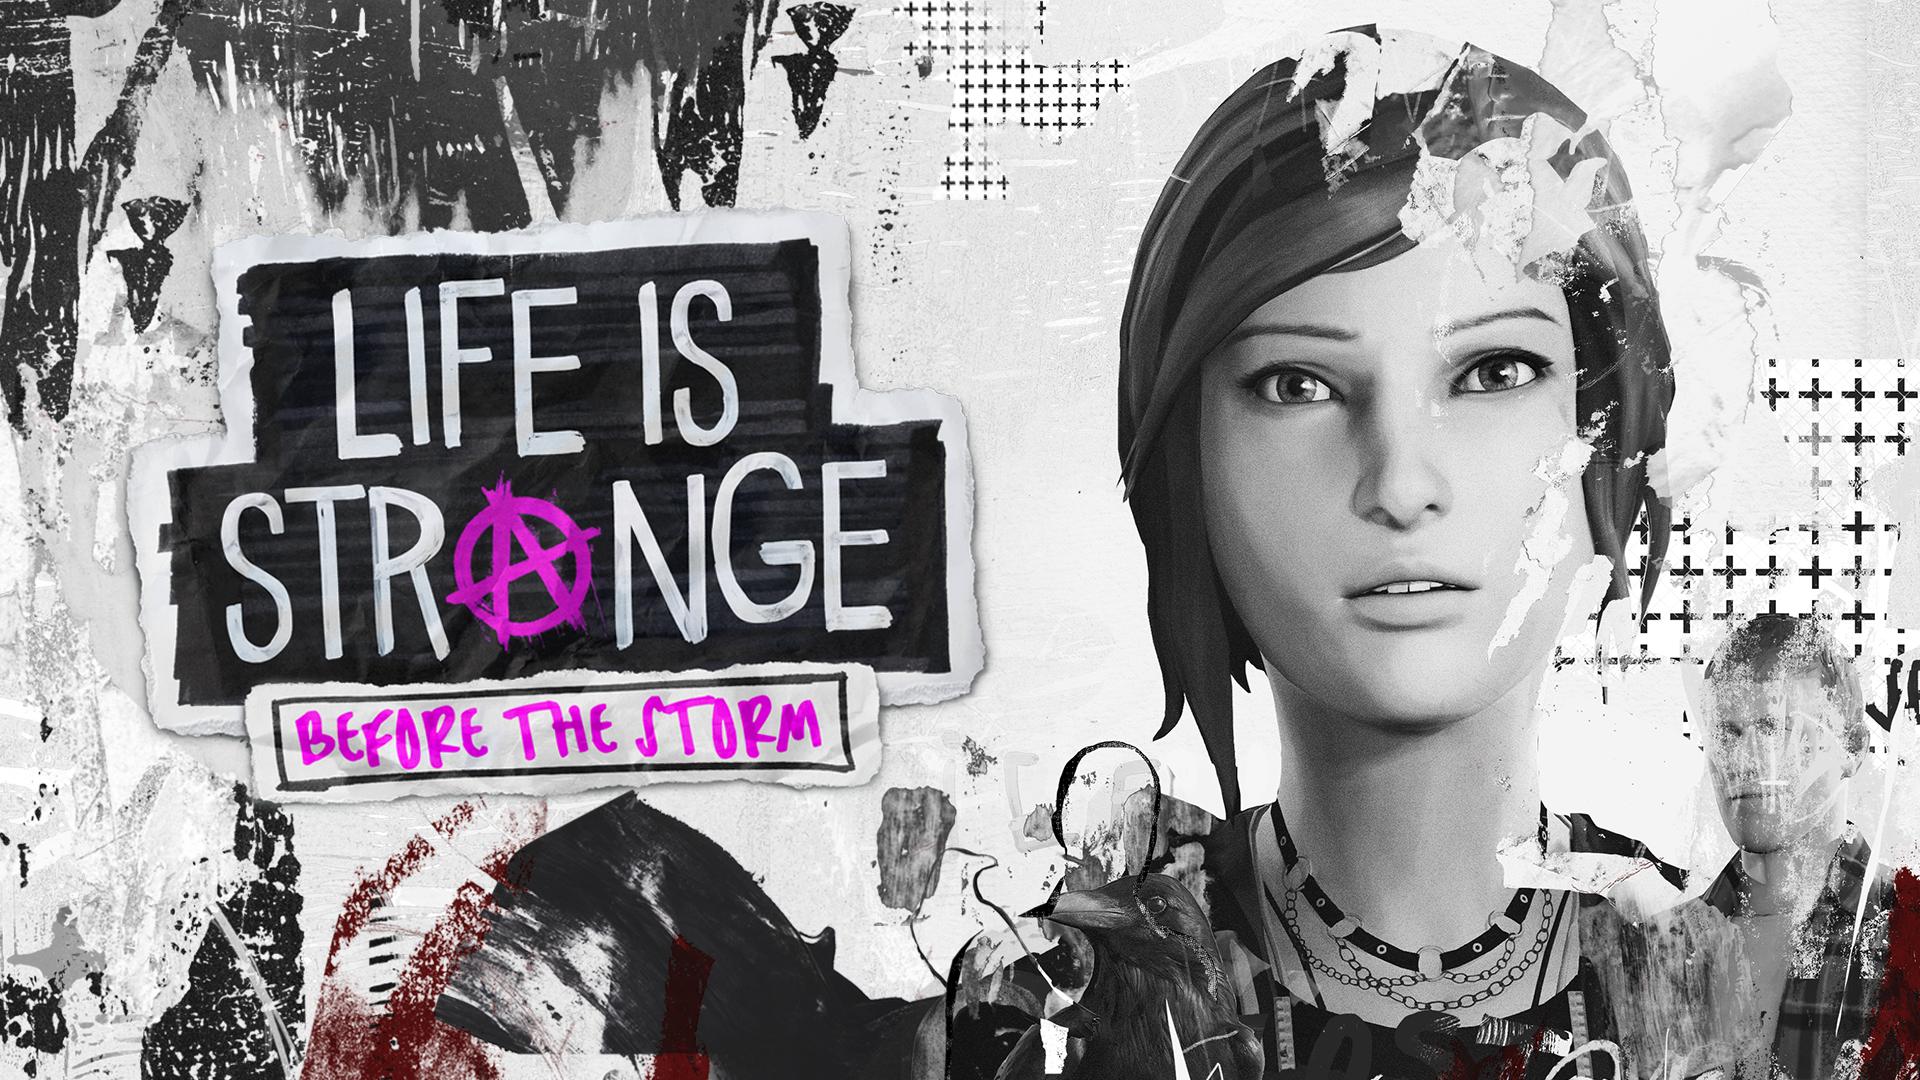 Обзор Life is Strange: Before the Storm (Episode 3) — превосходное завершение крутой истории